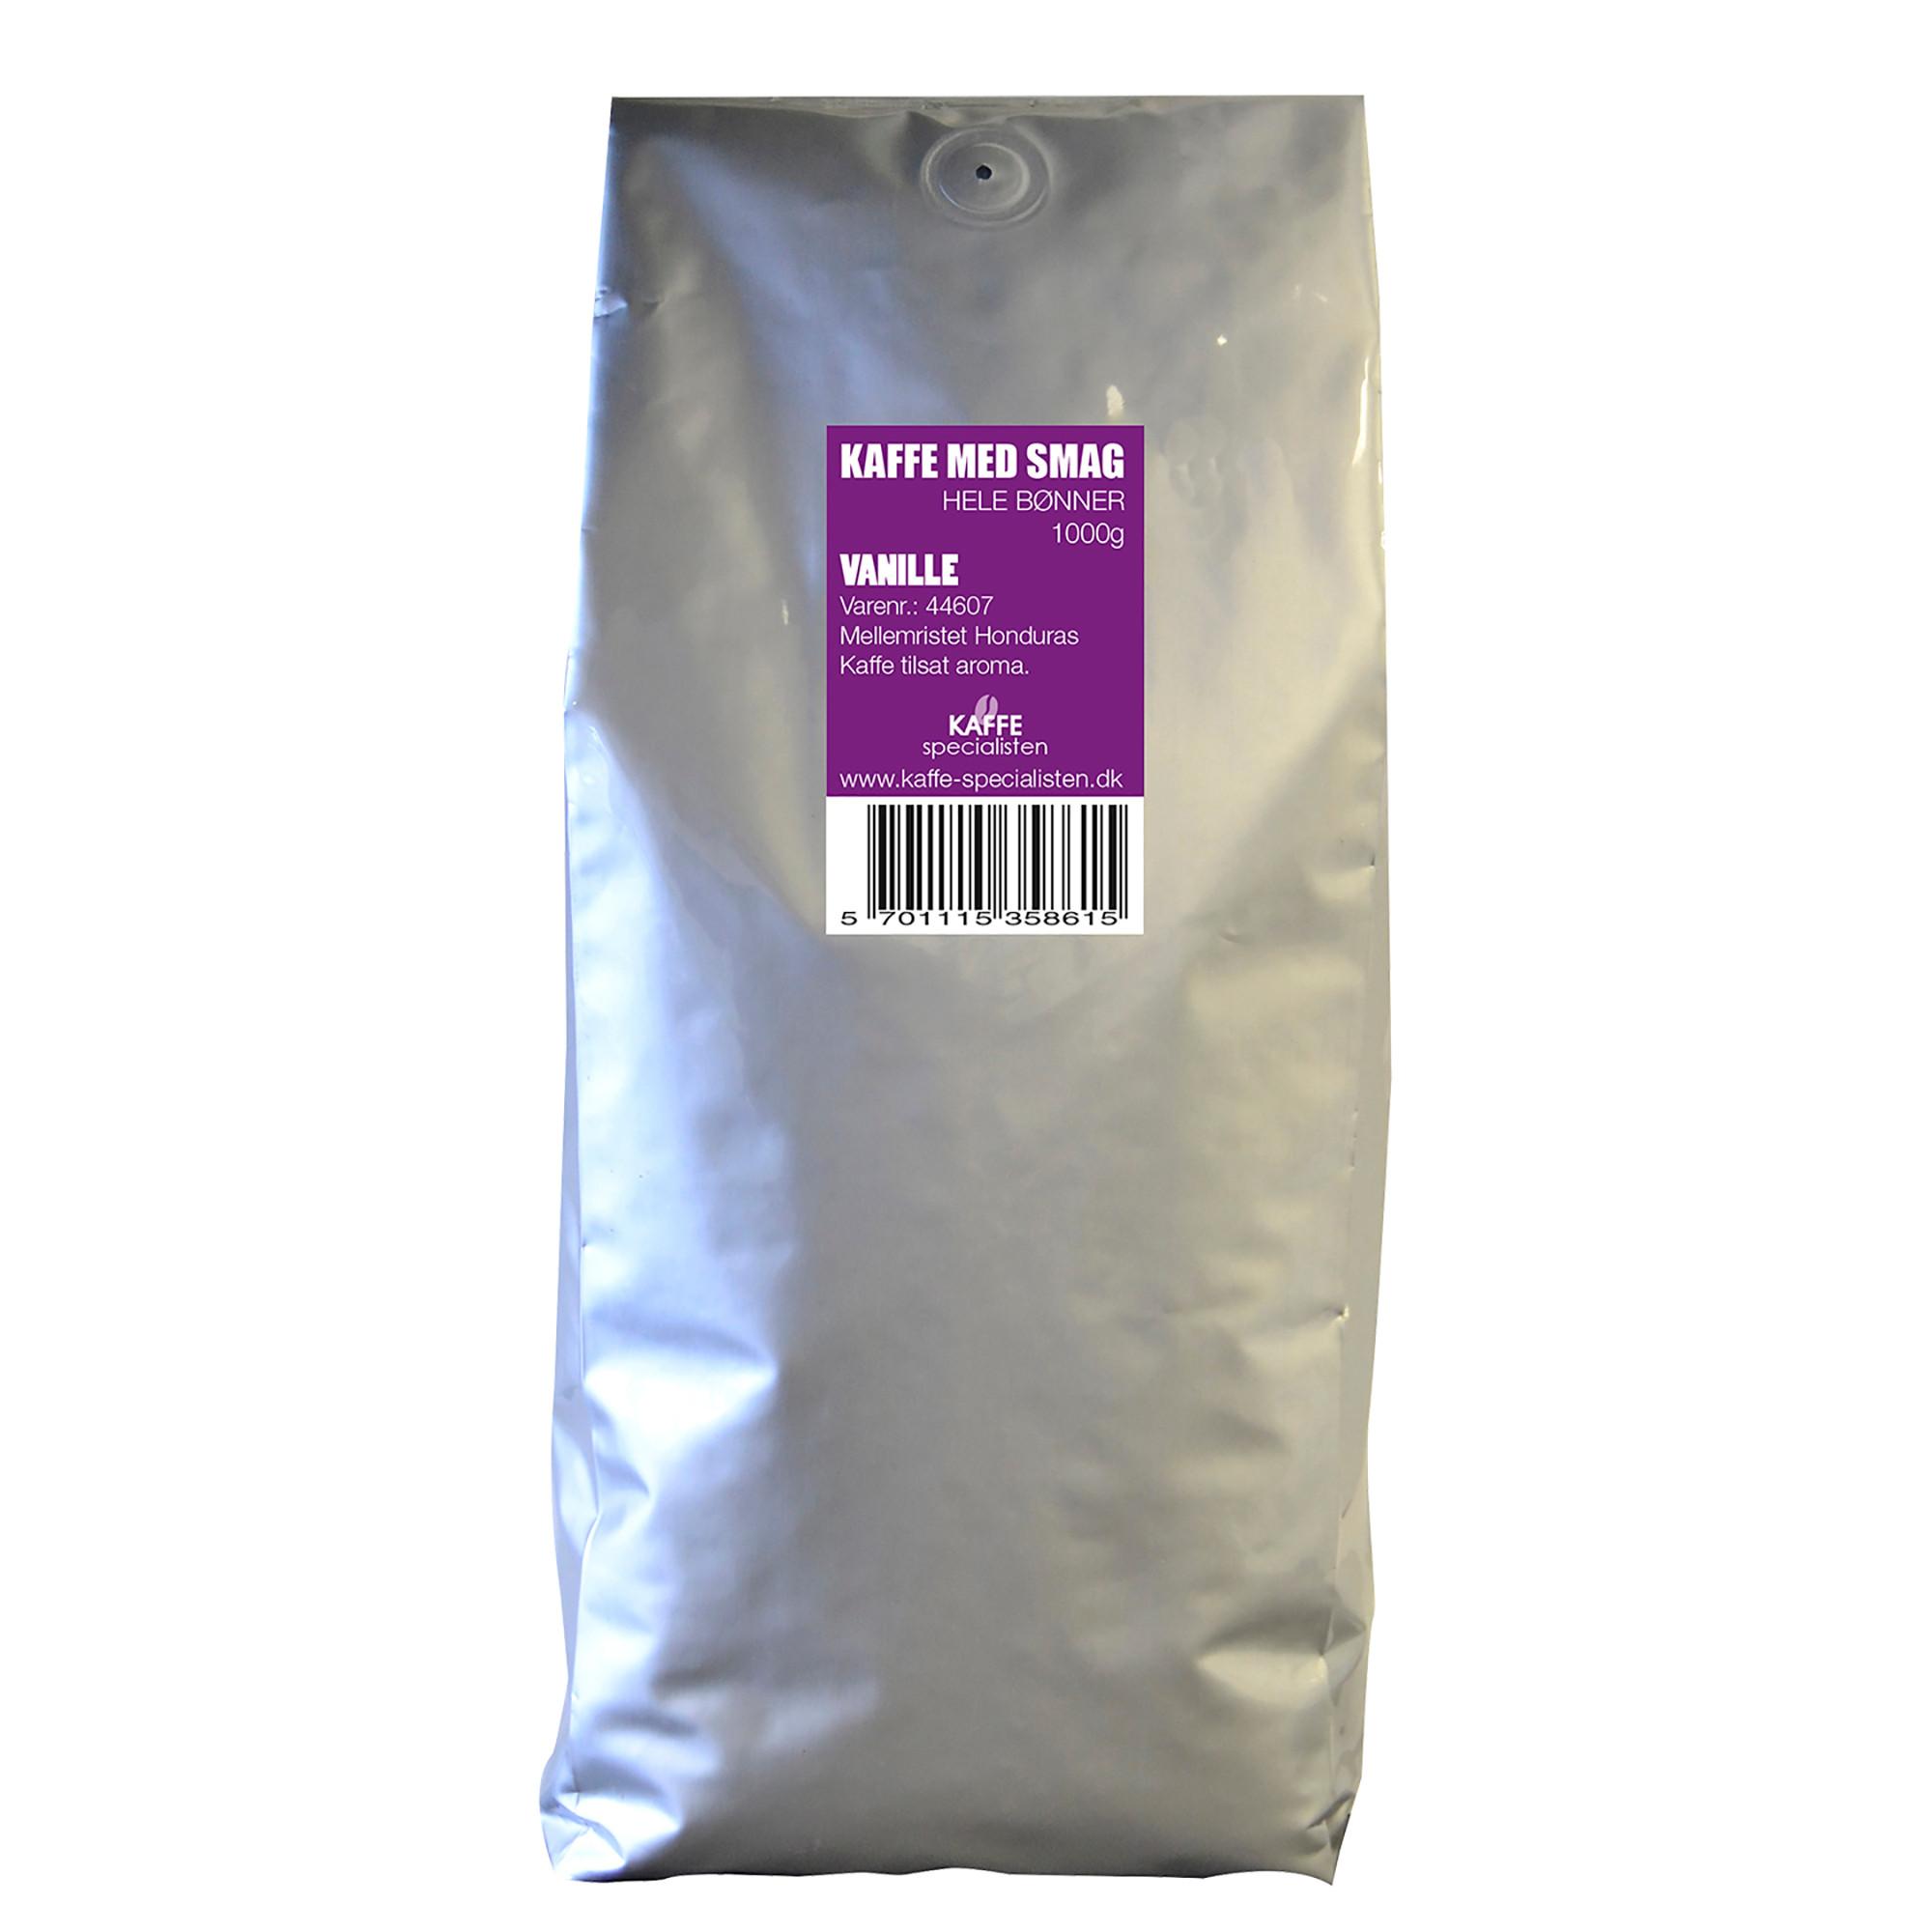 KAFFE Specialisten Kaffebønner Vanilje Smag